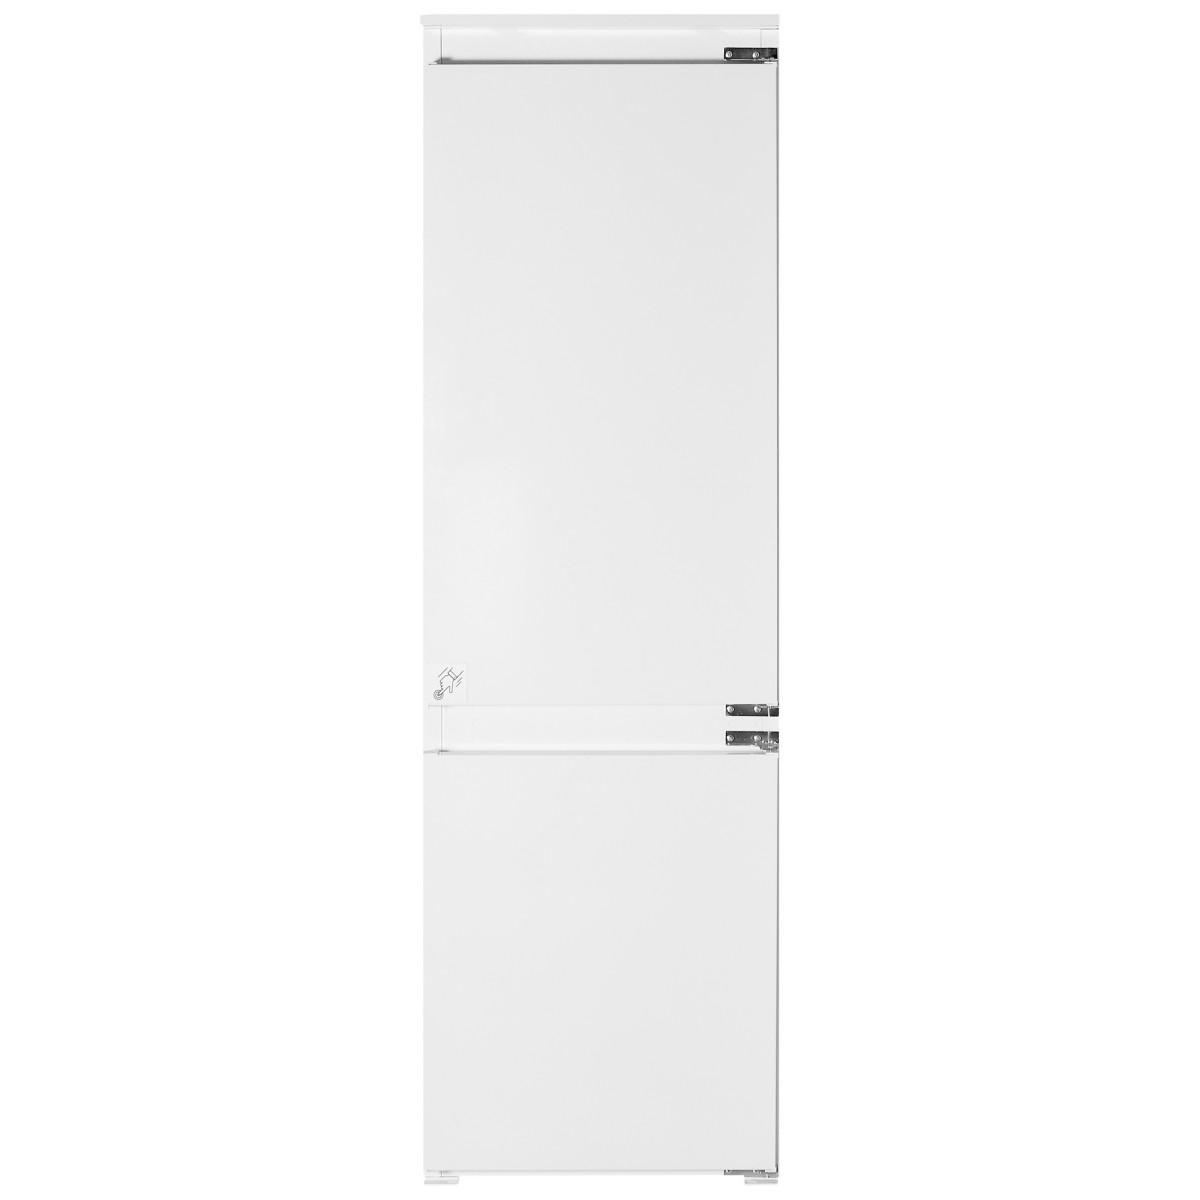 Холодильник встраиваемый двухкамерный HOTPOINT Ariston BCB 70301 AA (RU) 177х54 см нержавеющая сталь